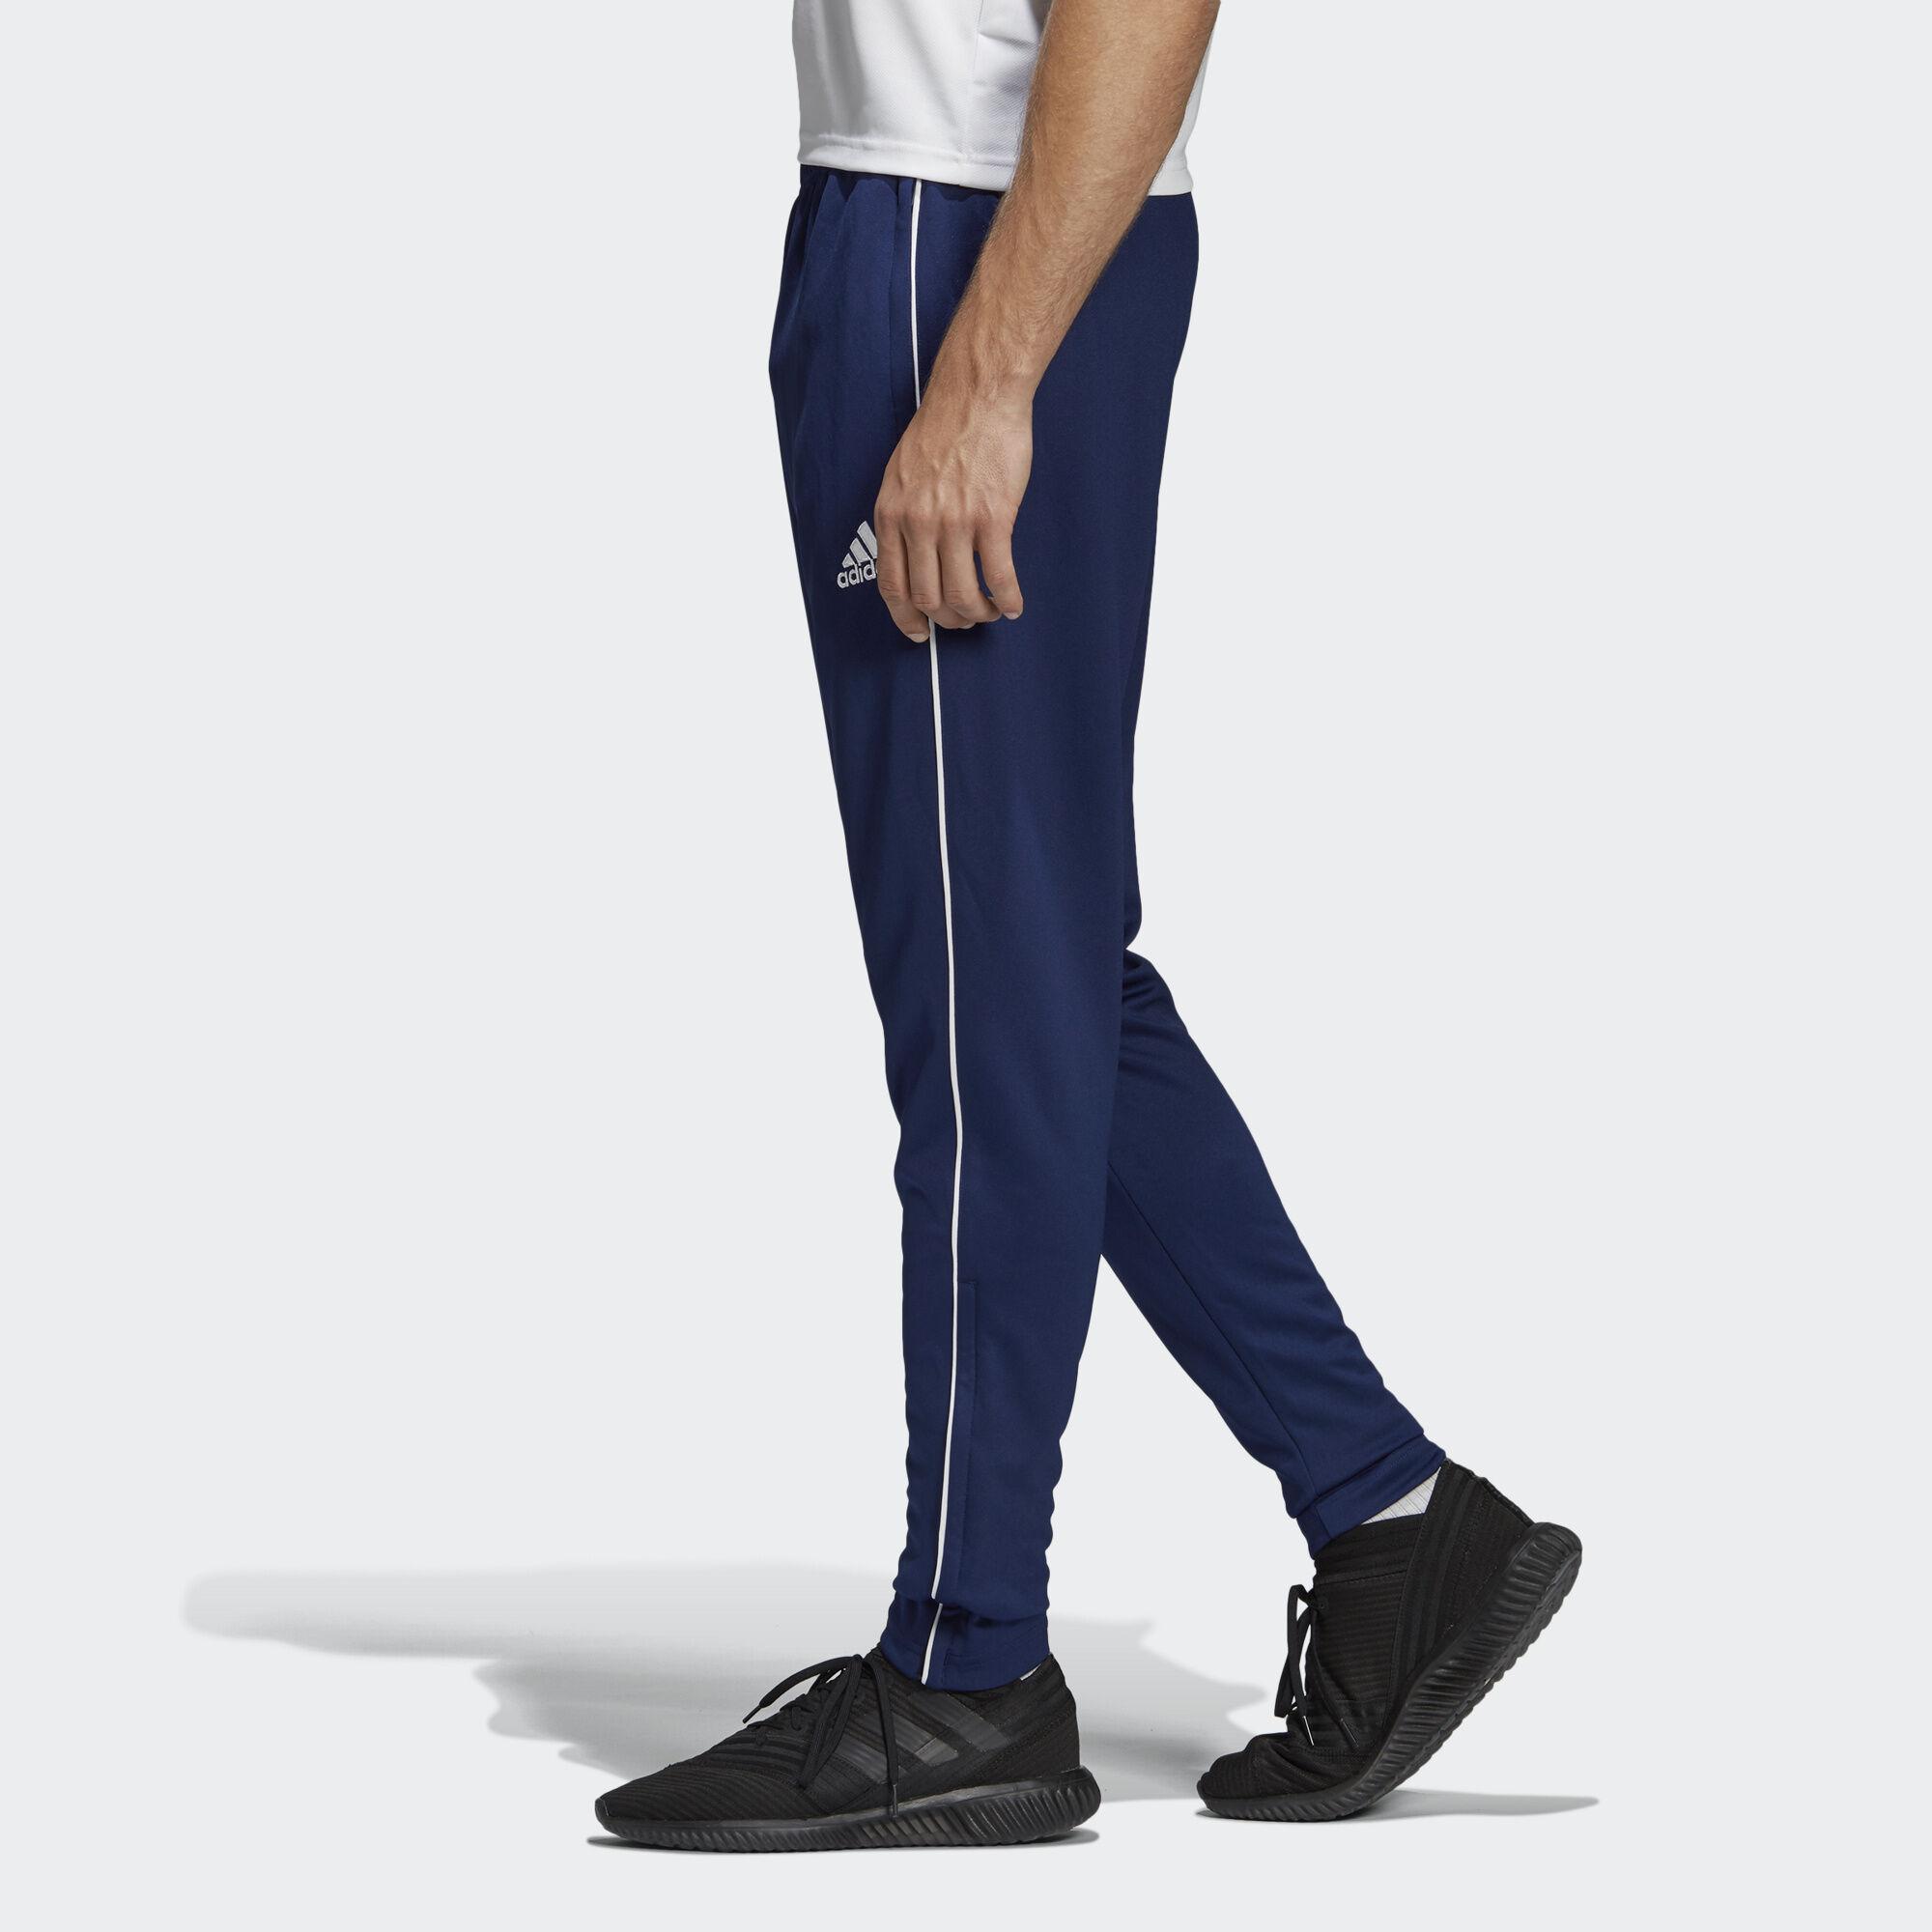 Adidas Jogginghose Herren Schwarz Eng